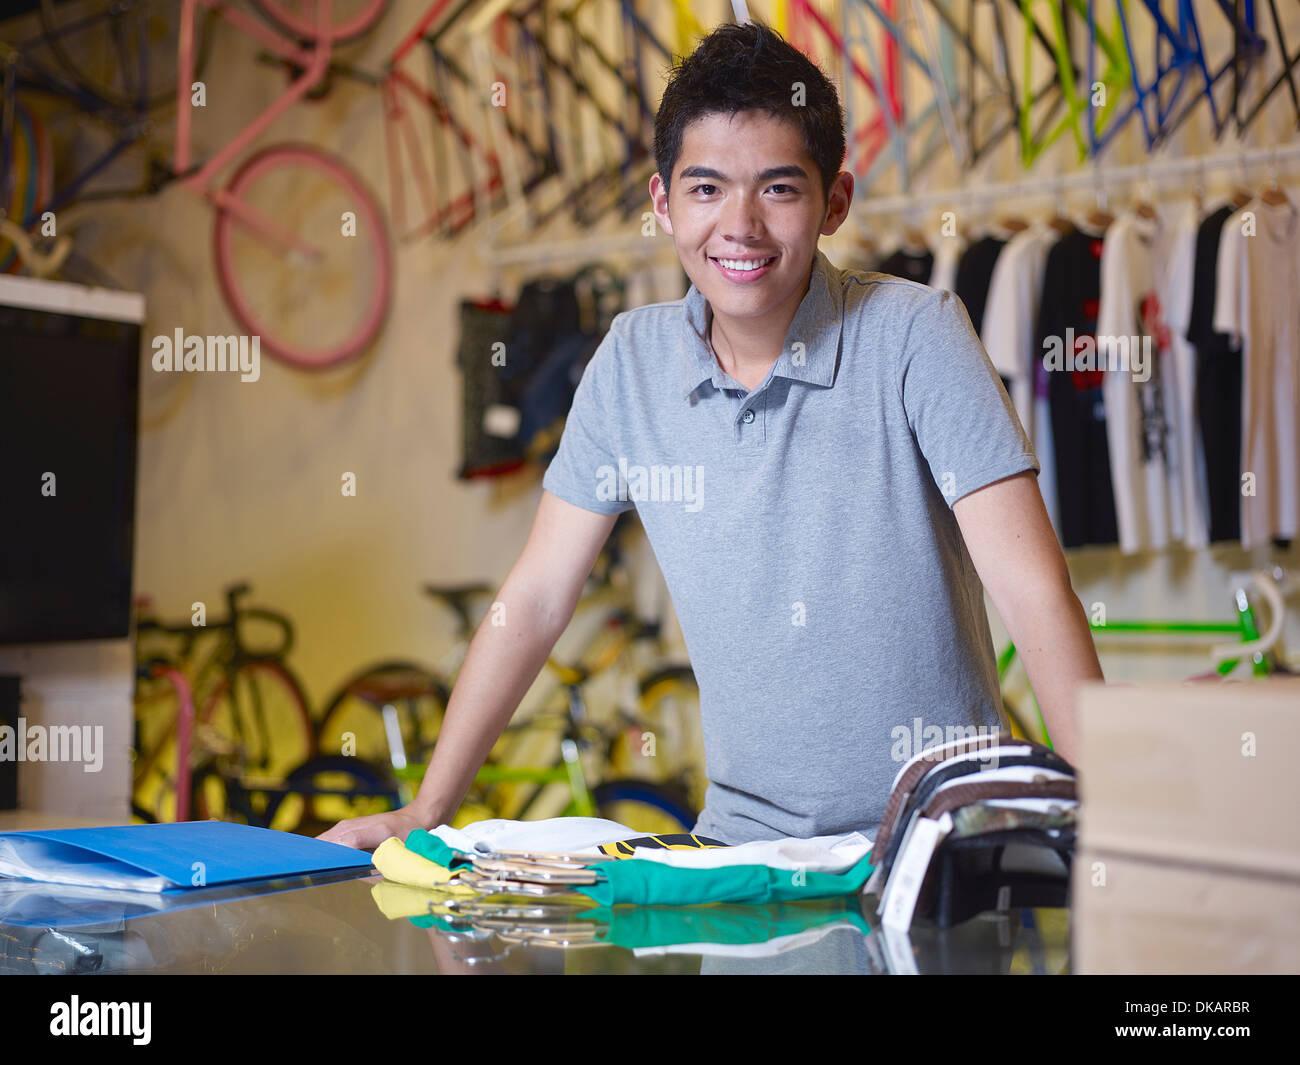 Retrato de joven mirando a la cámara en la tienda de bicicletas Imagen De Stock